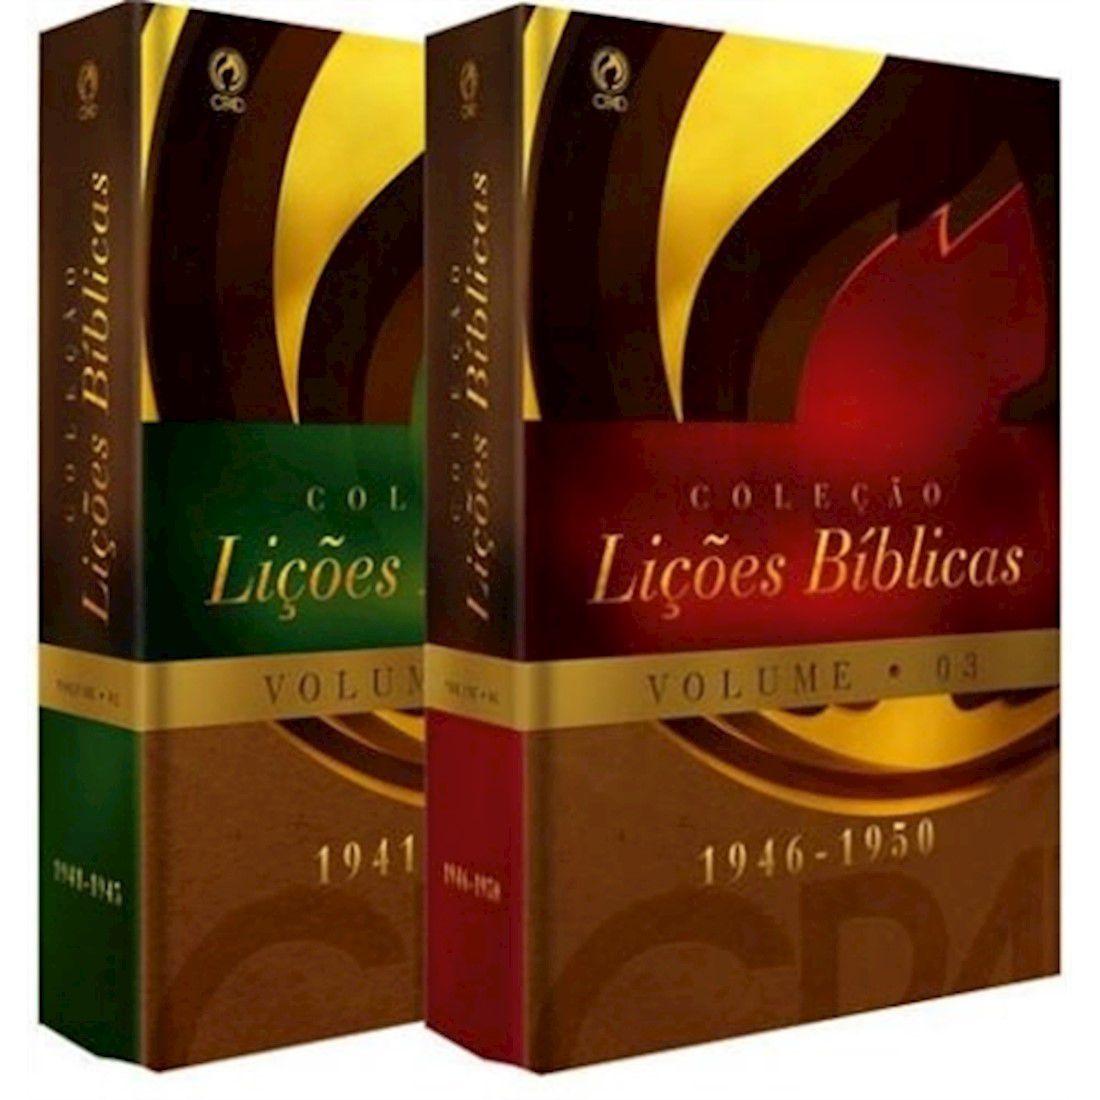 Livro Coleção Lições Bíblicas (1941 - 1950) - Volumes 02 e 03